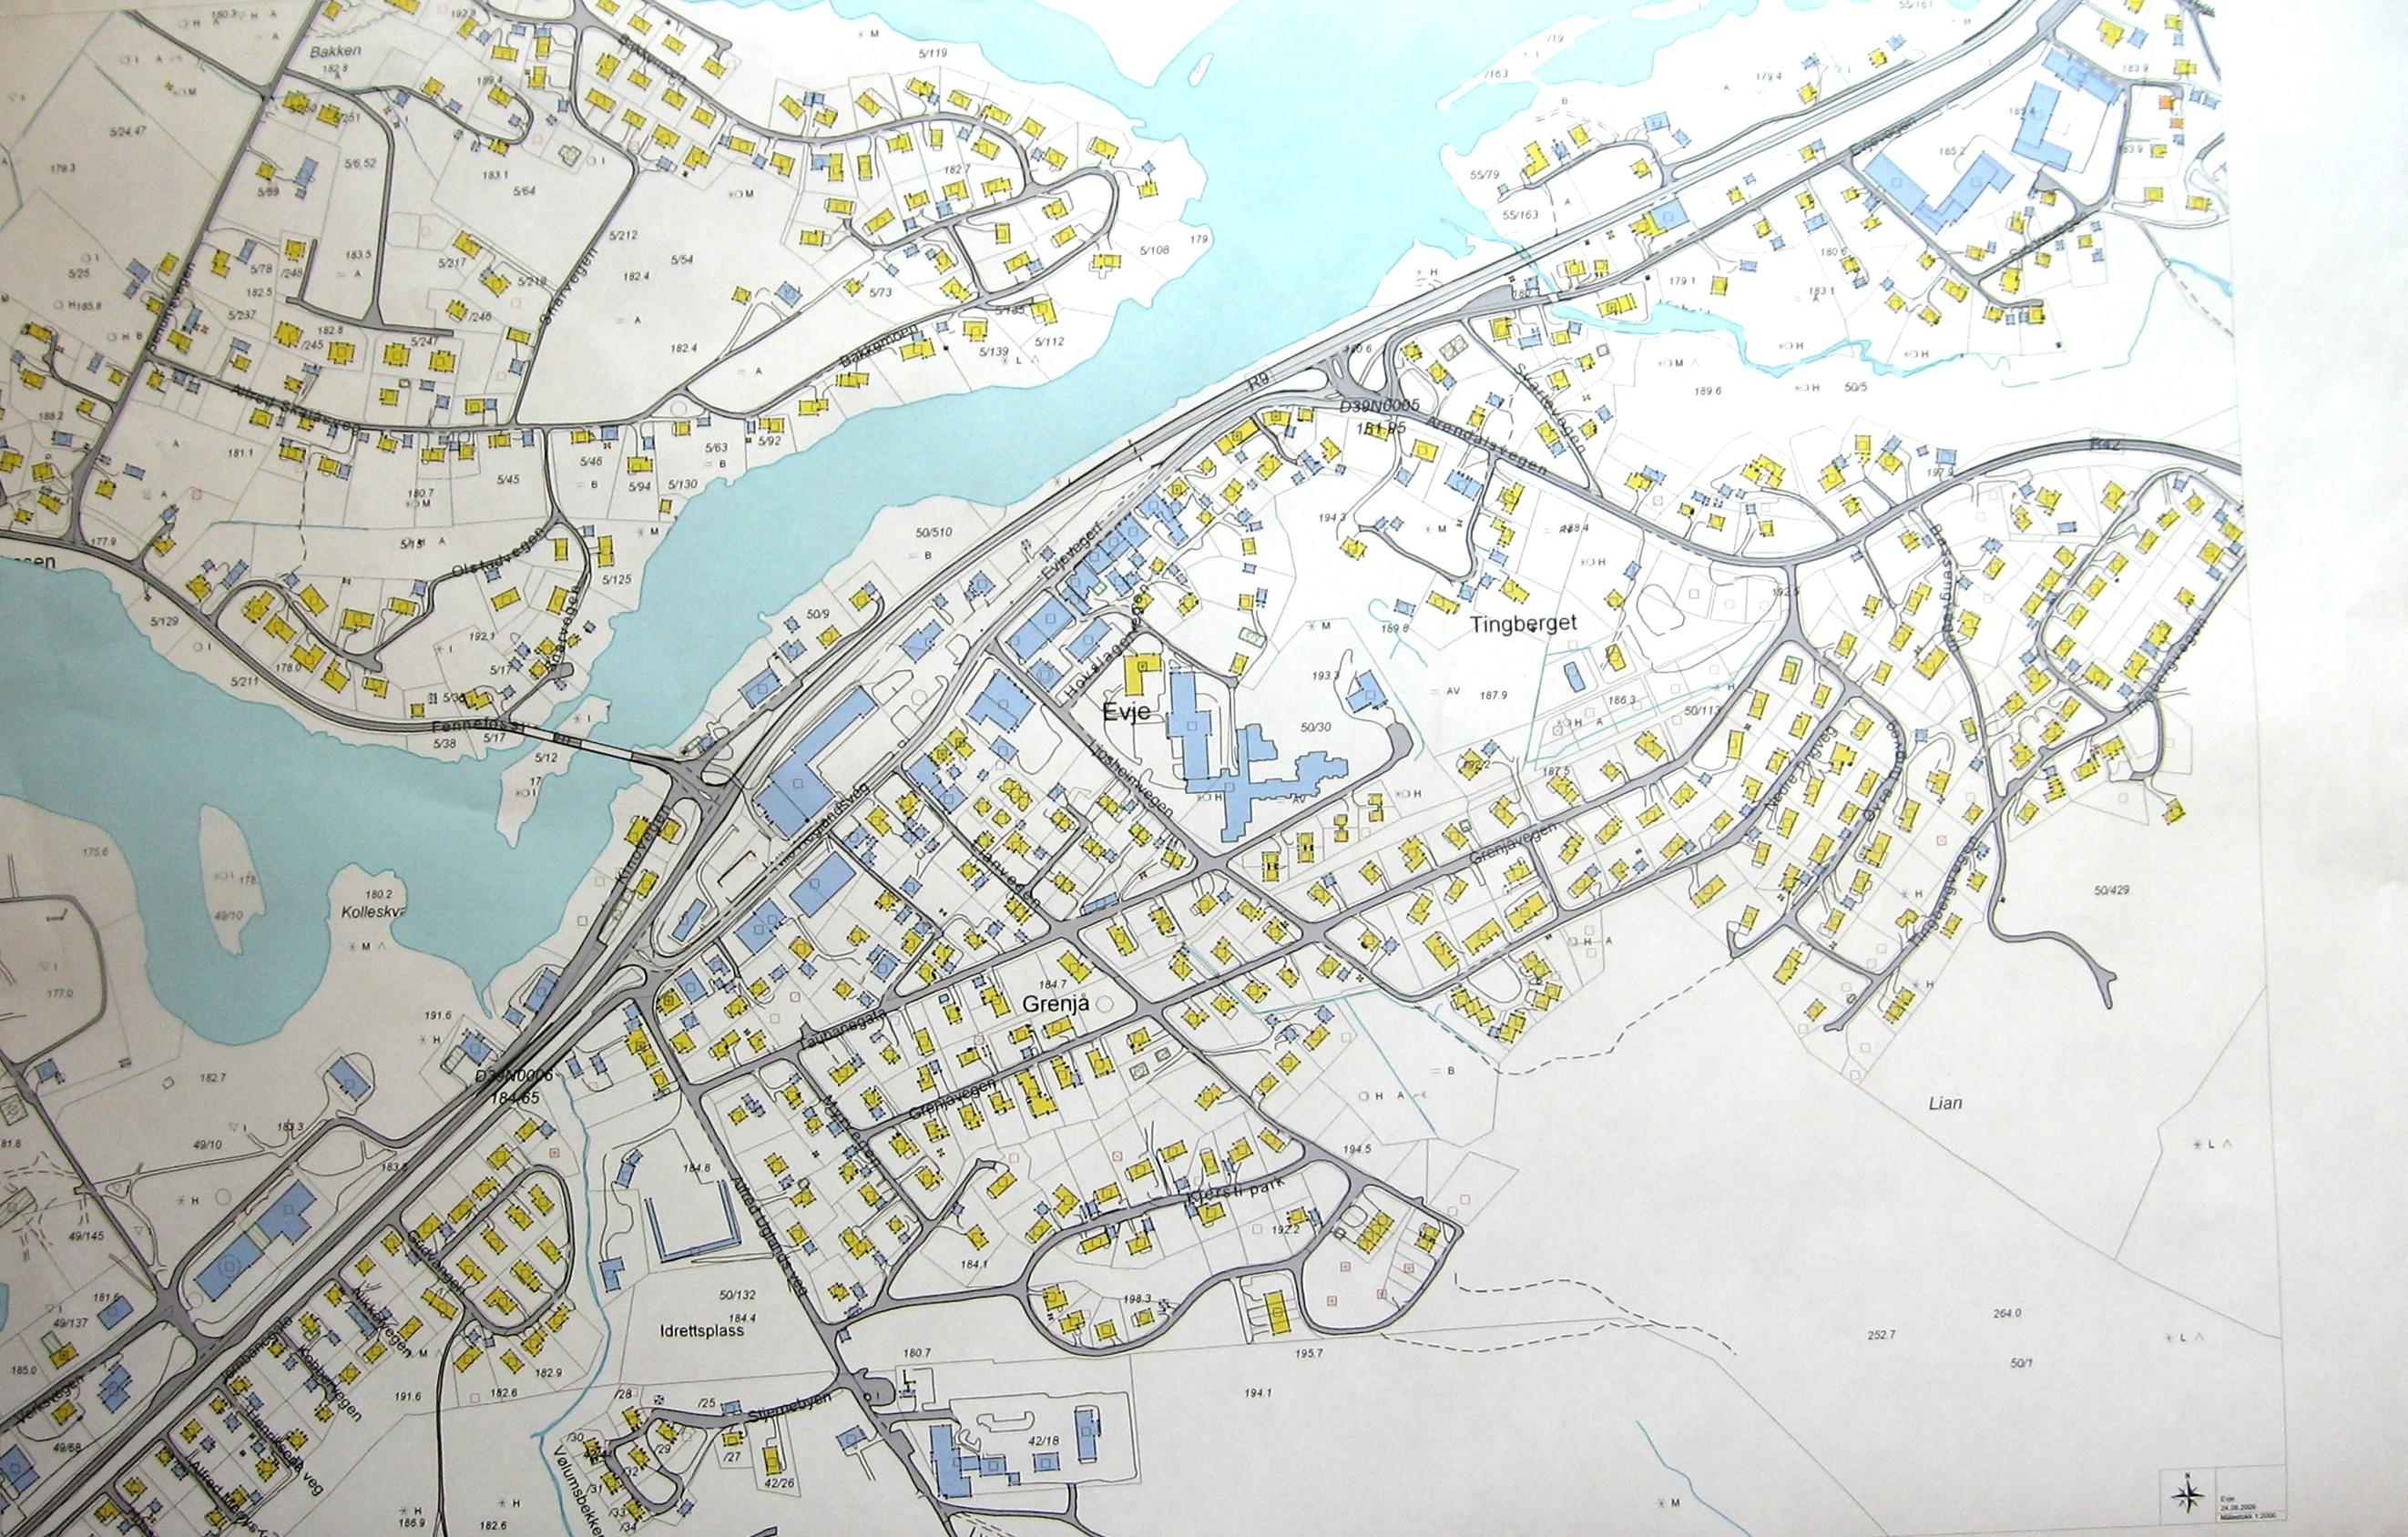 kart over evje Plansmie for utvikling av Evje Sentrum kart over evje